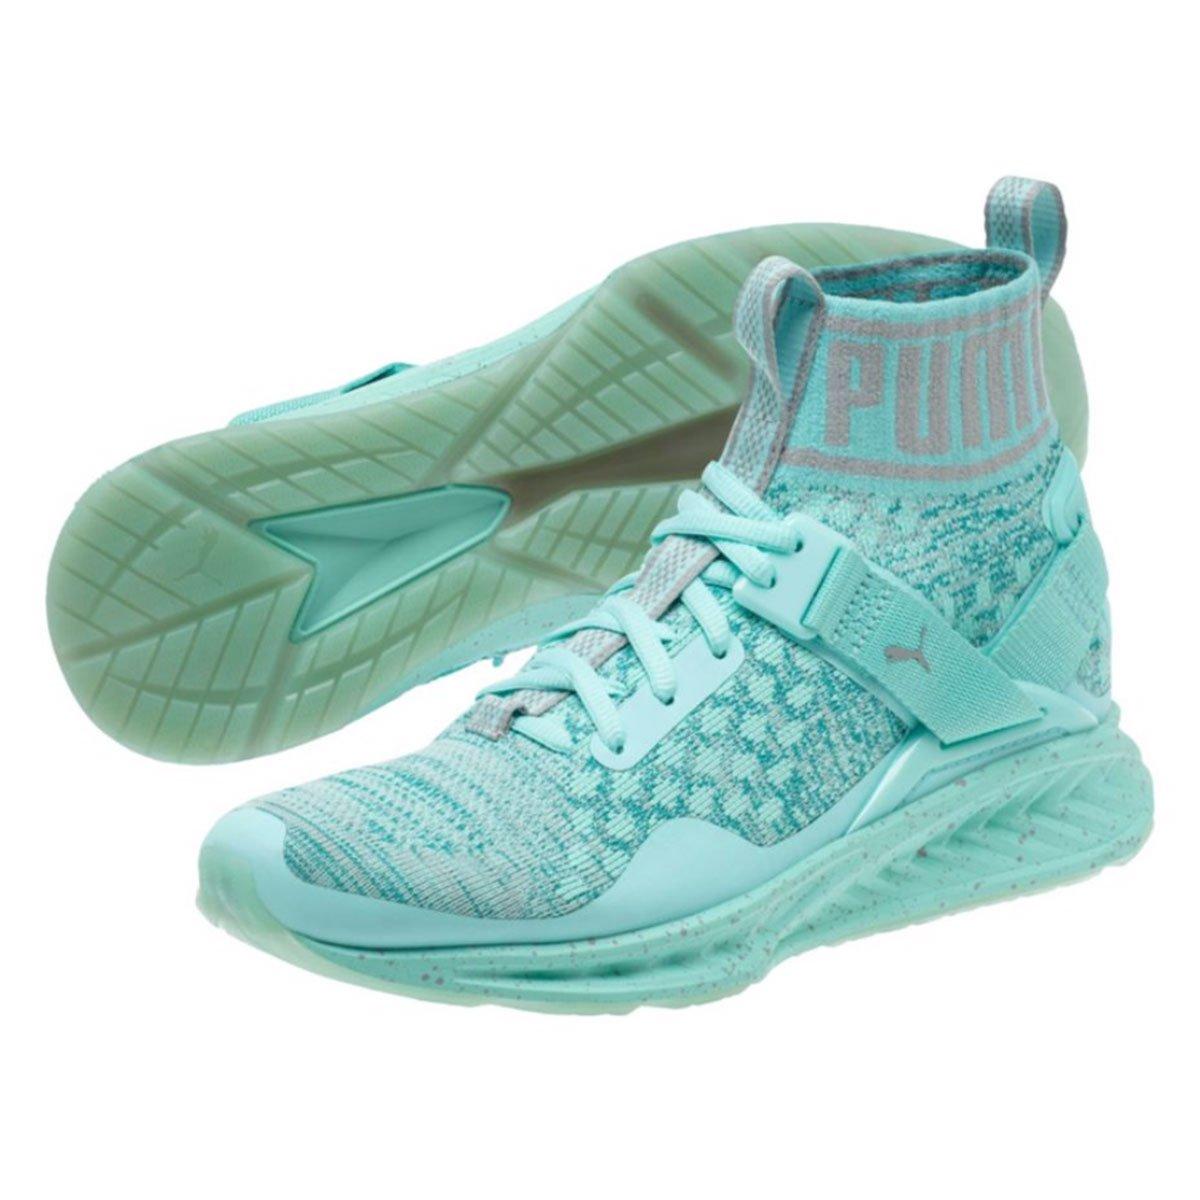 Buy Womens Shoes PUMA Aruba BlueQuarry Ignite EvoKnit